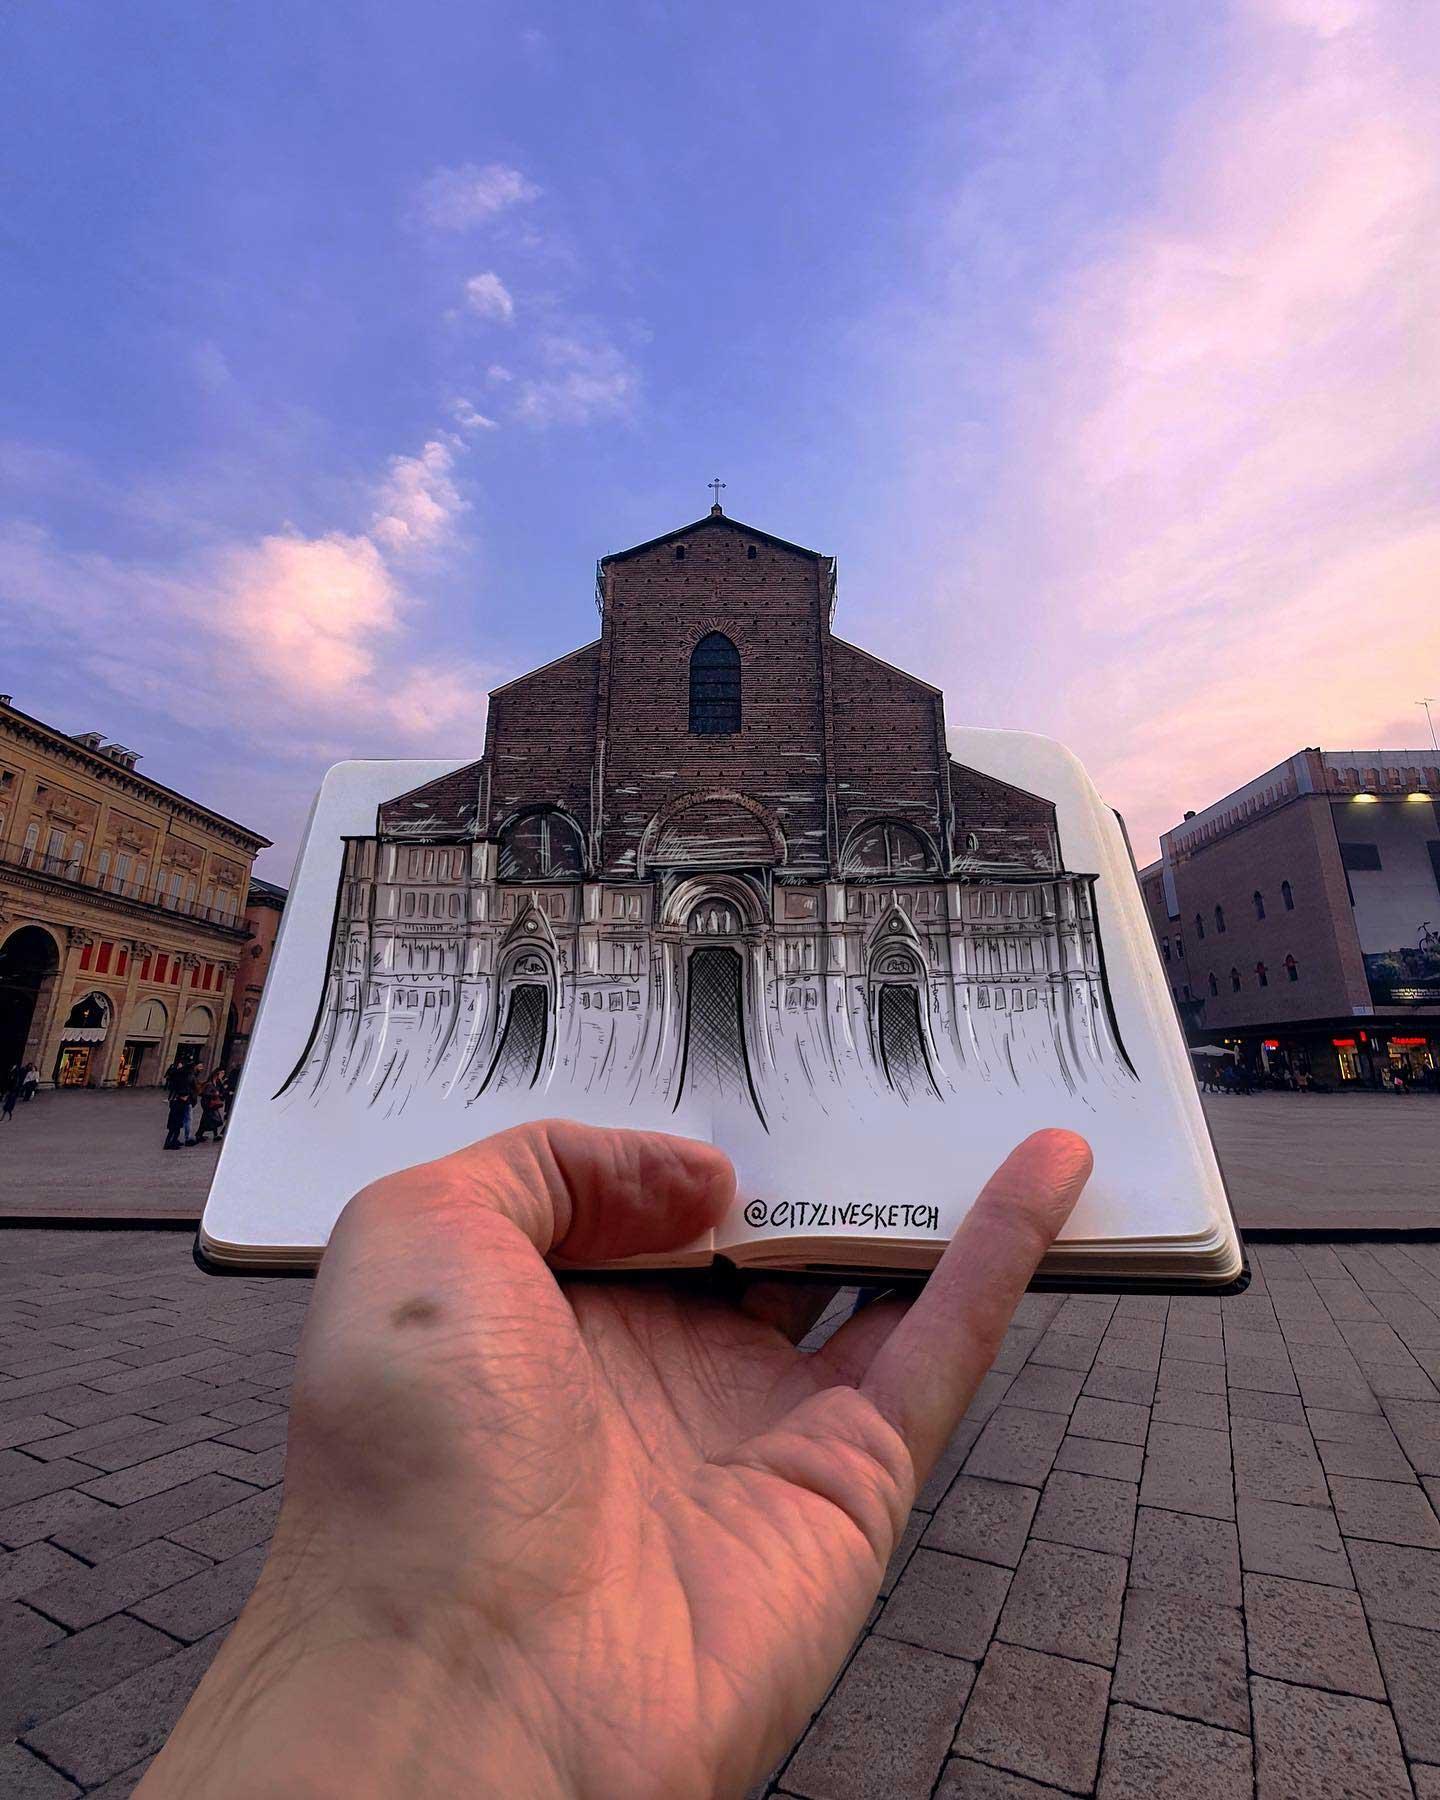 Pietro Cataudella lässt Zeichnungen mit der Realität verschmelzen CityLiveSketch-Pietro-Cataudella_02